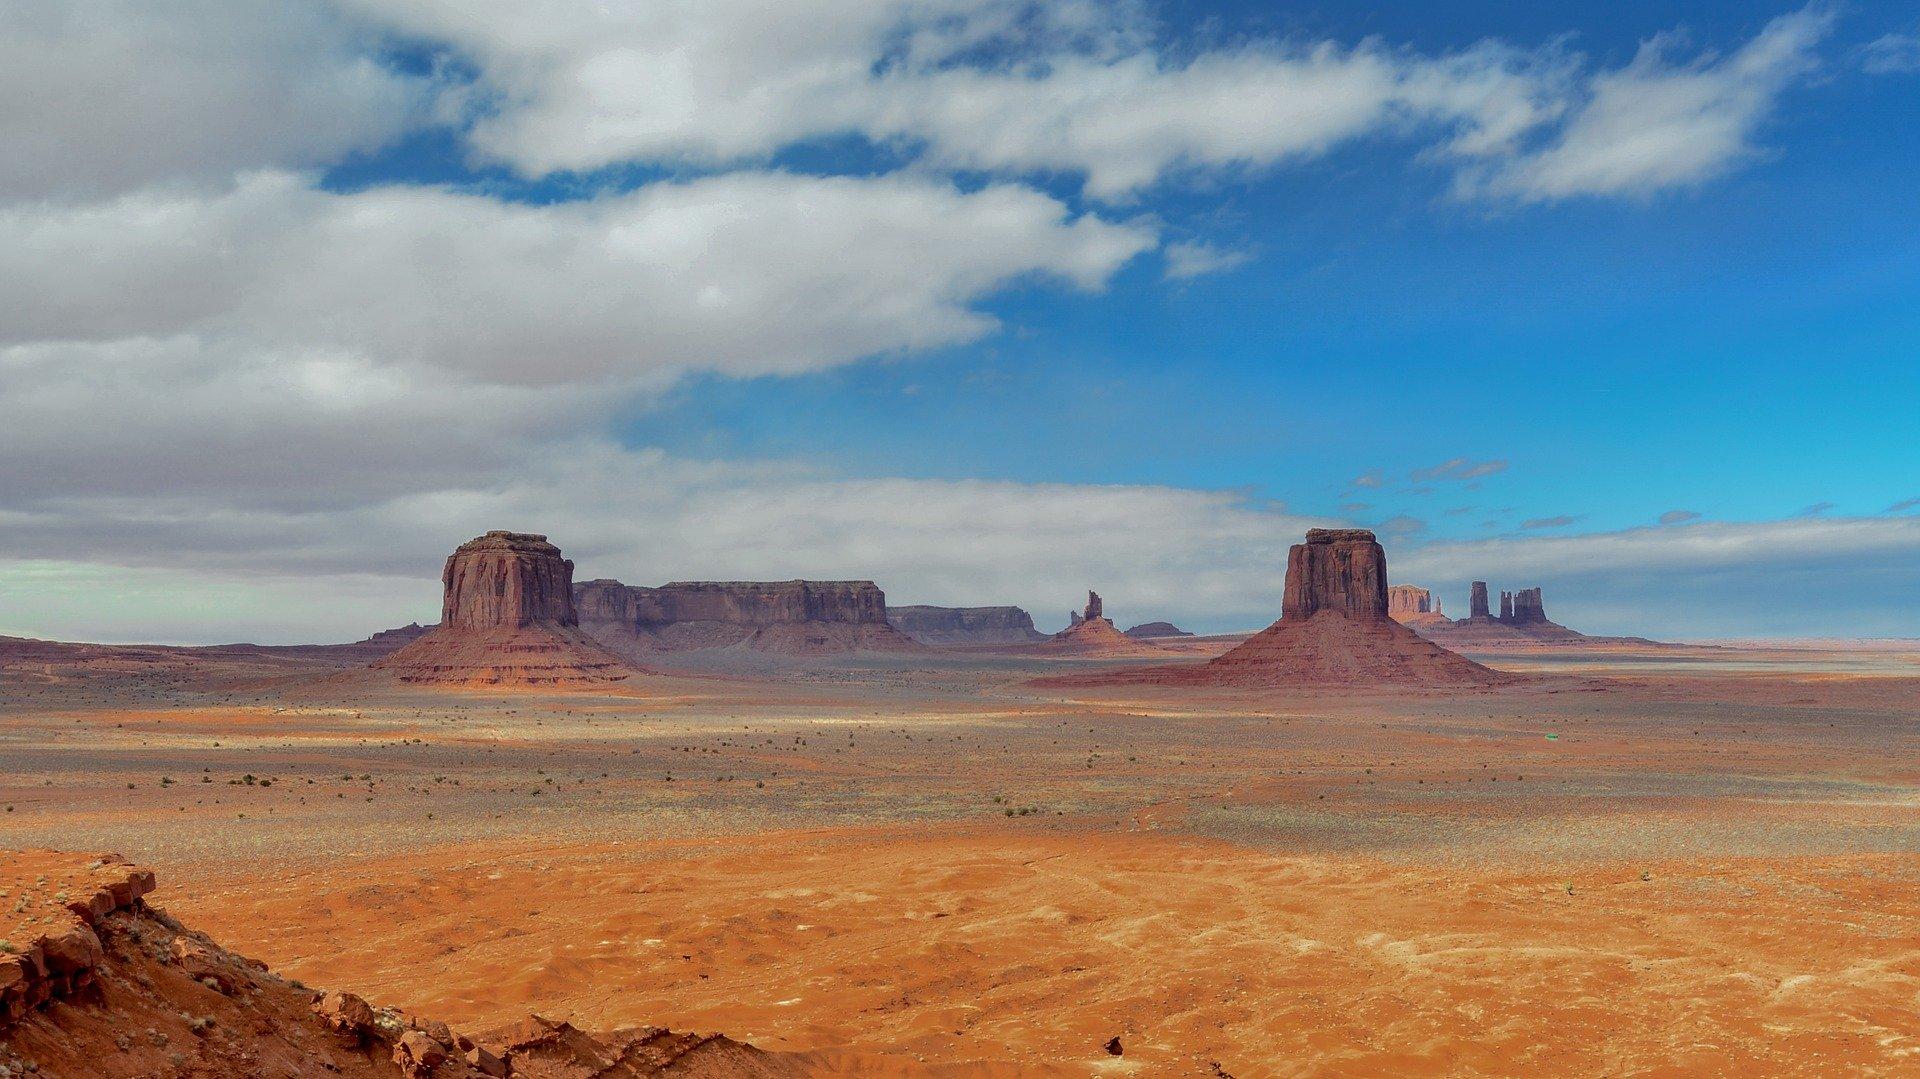 Les célèbres monolithes de Monument Valley